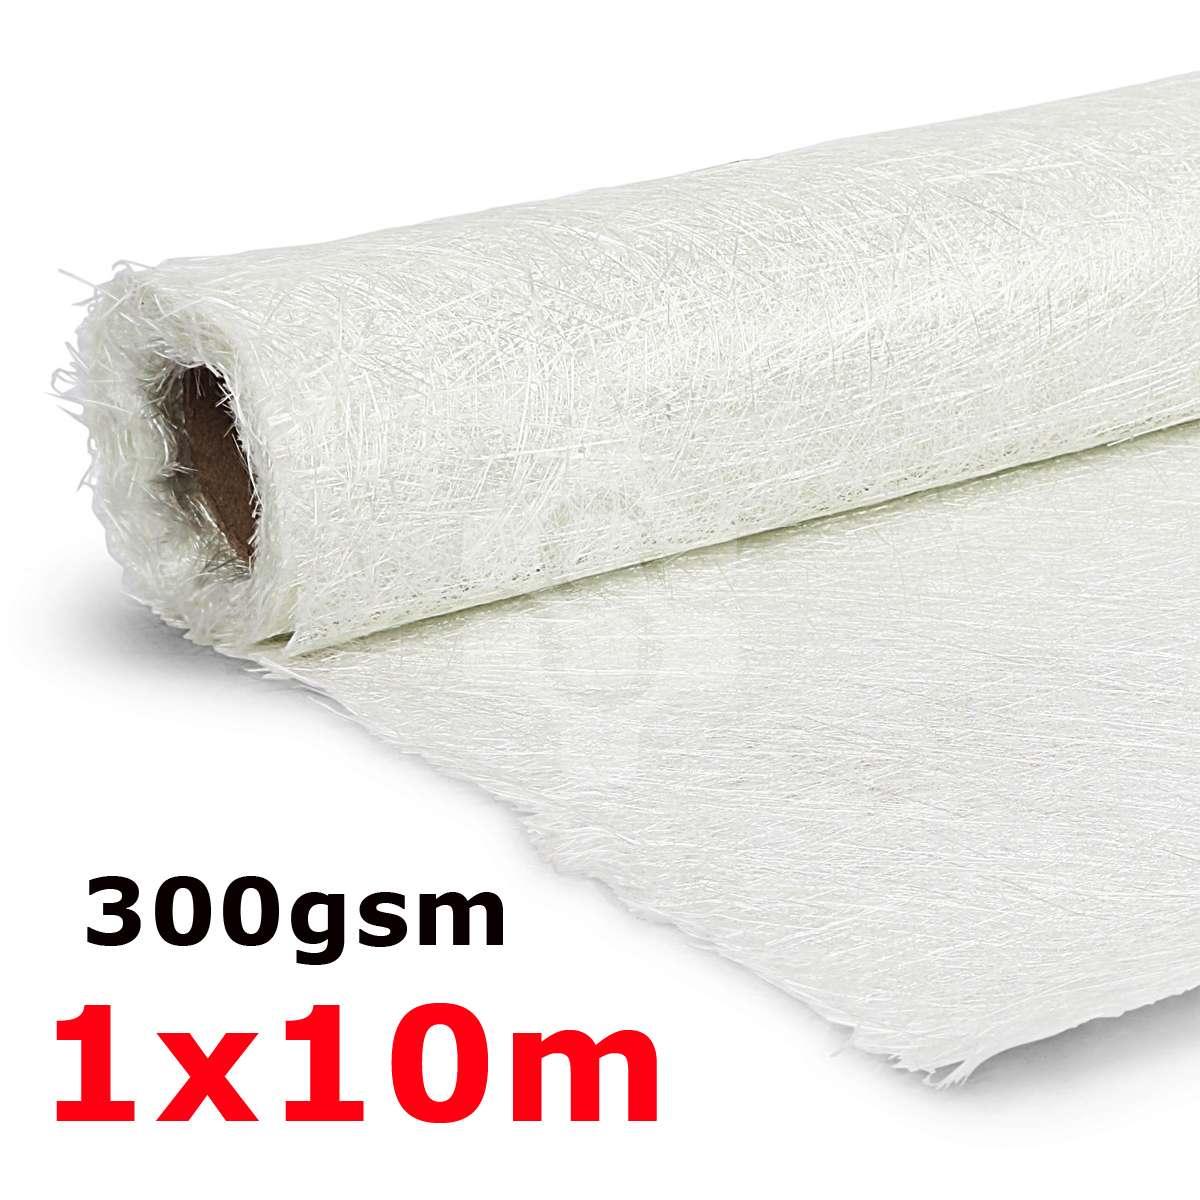 1 m * 10 m 300gsm tapis en Fiber de verre fibre de verre coupe tissu en Fiber de verre sans alcali fibre de verre hachée pour résine GRP